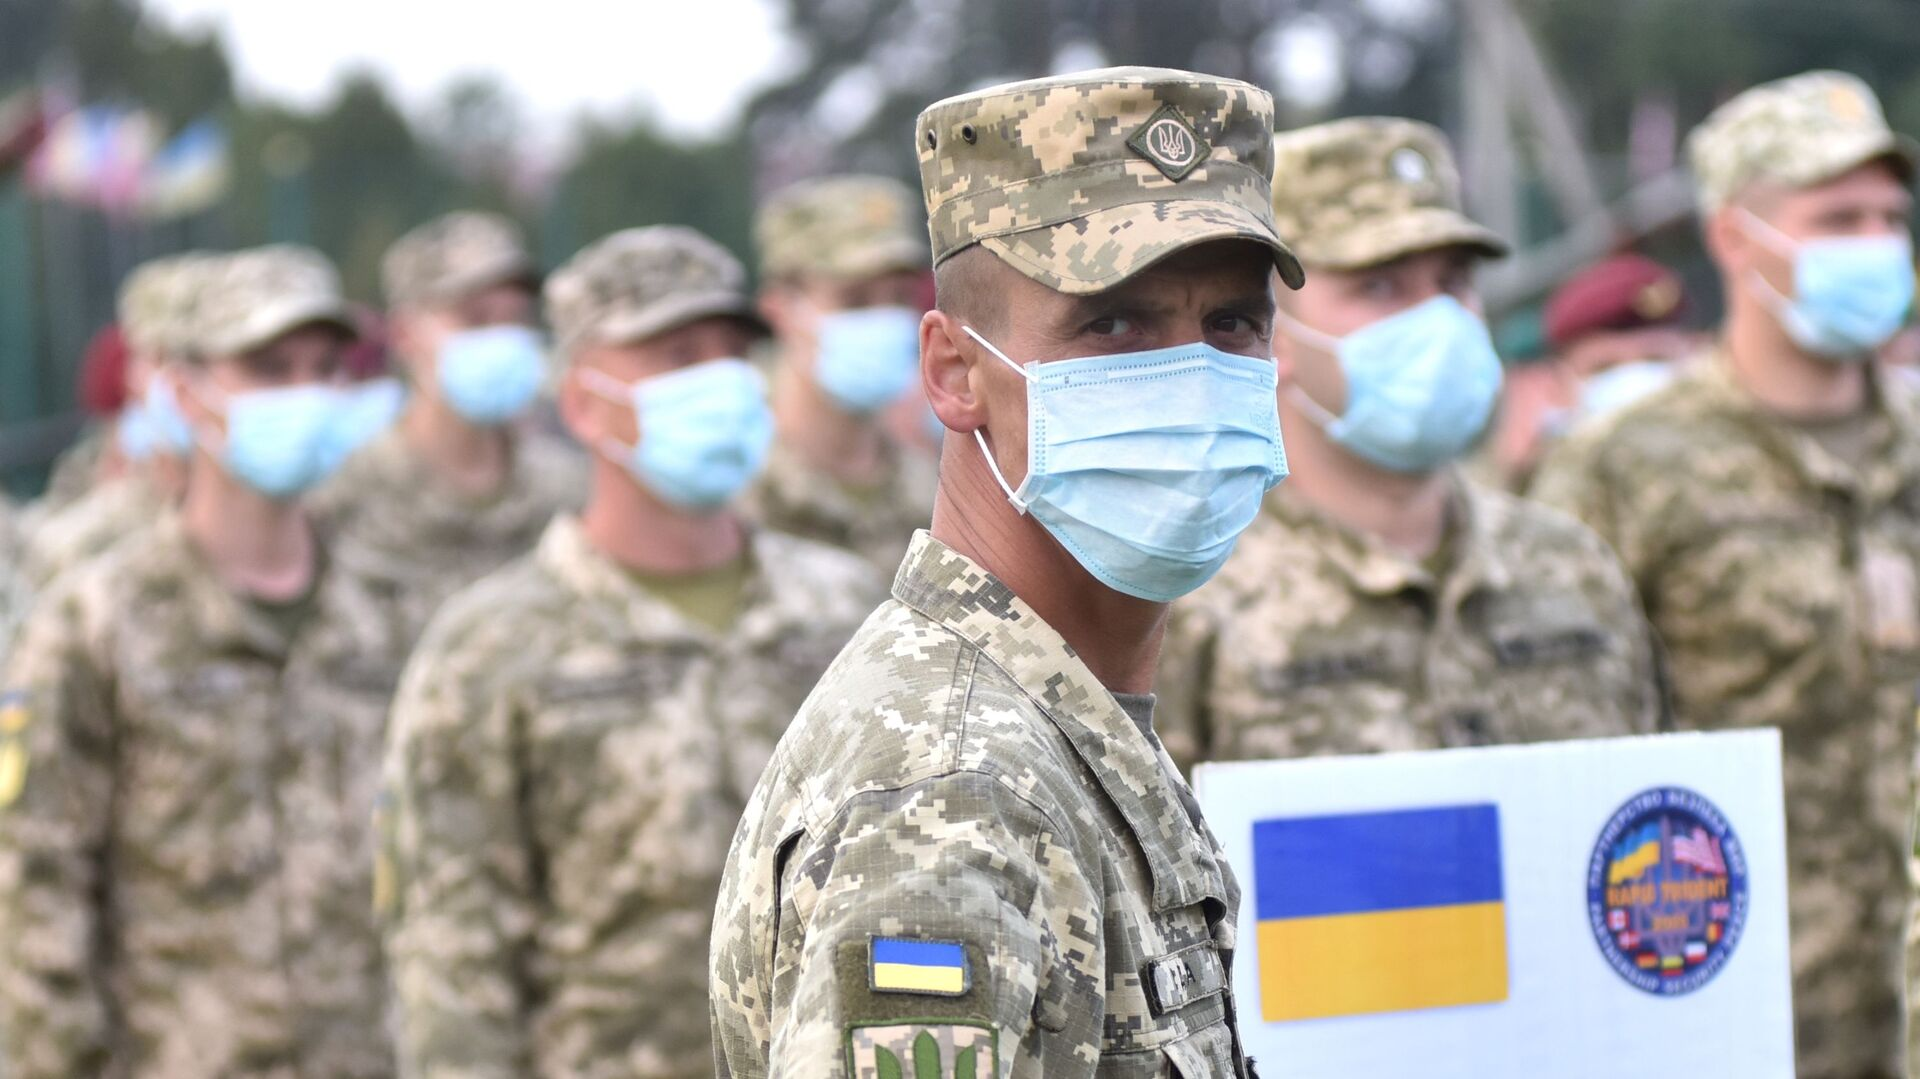 Ukraińscy żołnierze na ceremonii otwarcia wspólnych ćwiczeń wojskowych Ukrainy i państw NATO. - Sputnik Polska, 1920, 22.06.2021